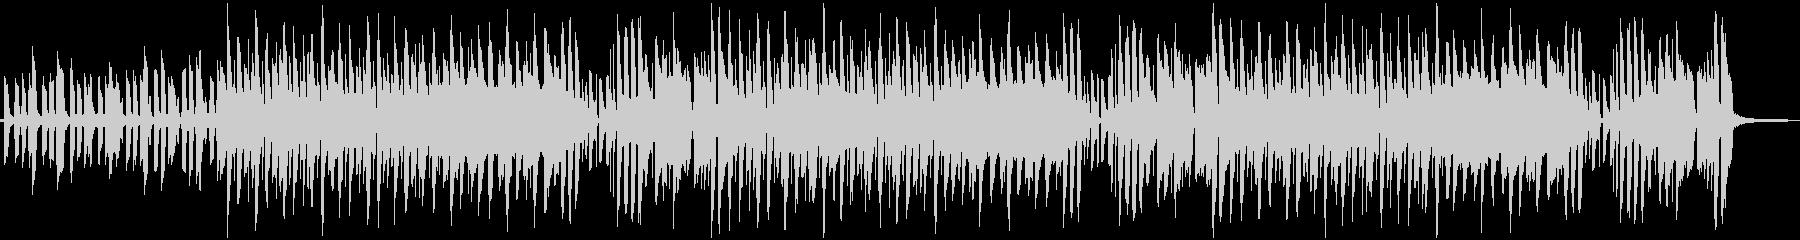 ゲーム・アニメなどの日常に流れている曲の未再生の波形